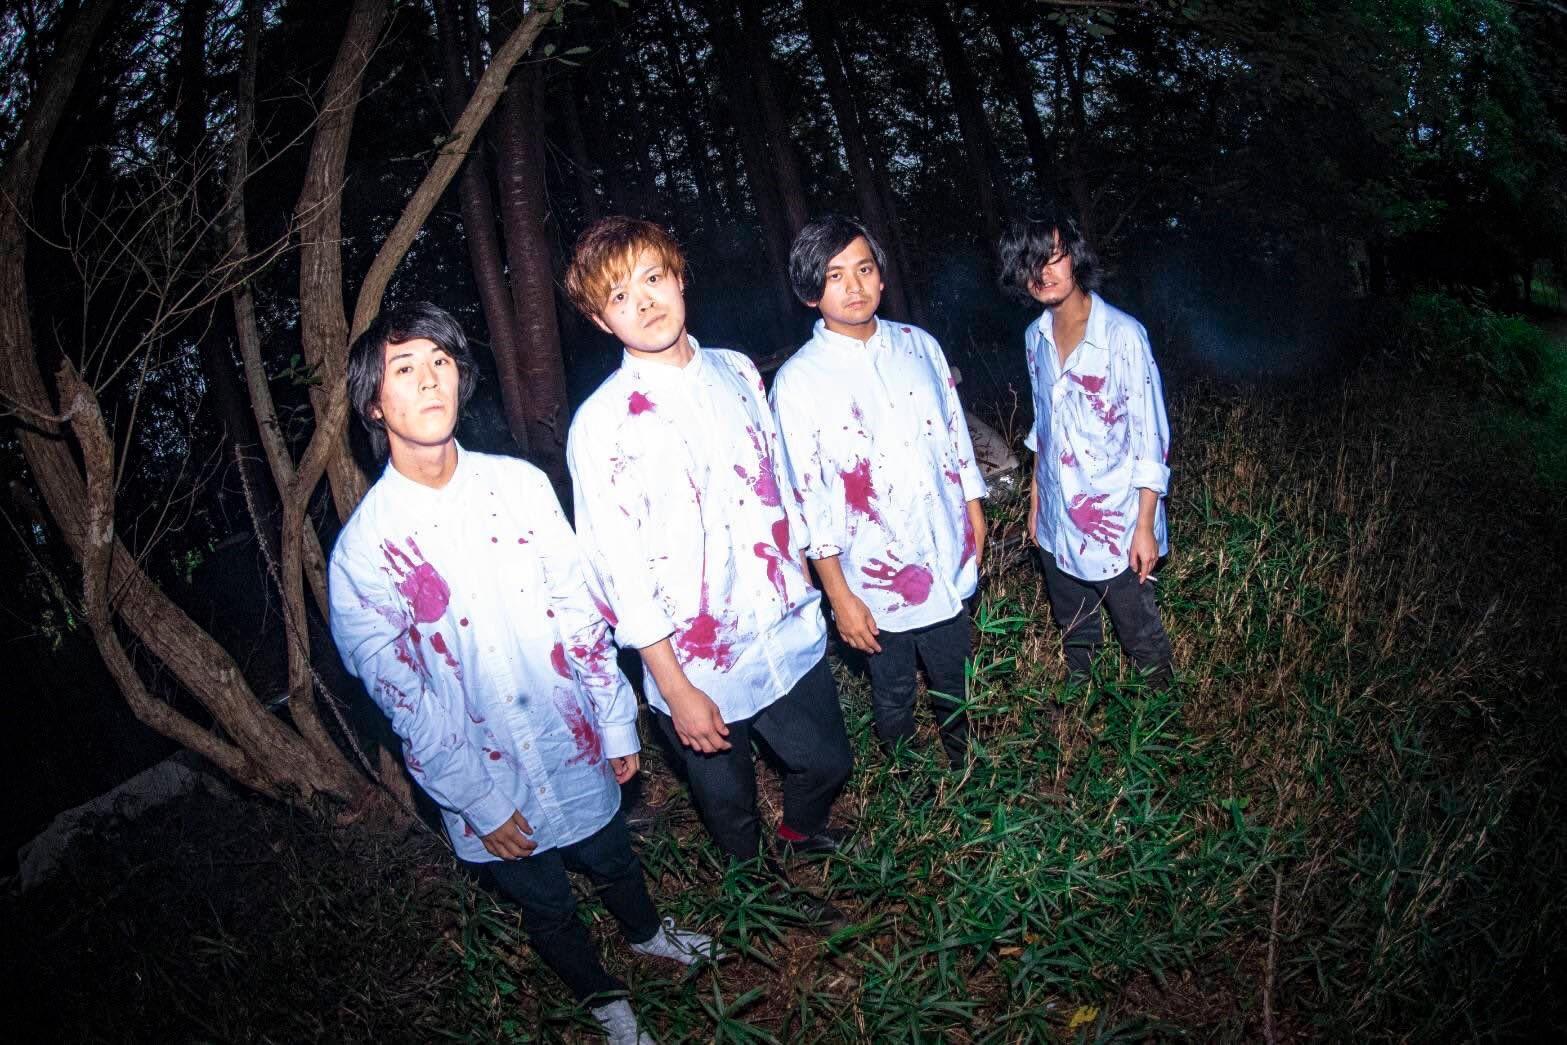 【注目の学生アーティスト】滋賀発! 4人組バンド・ナイトサファリ、男気溢れるライブが魅力